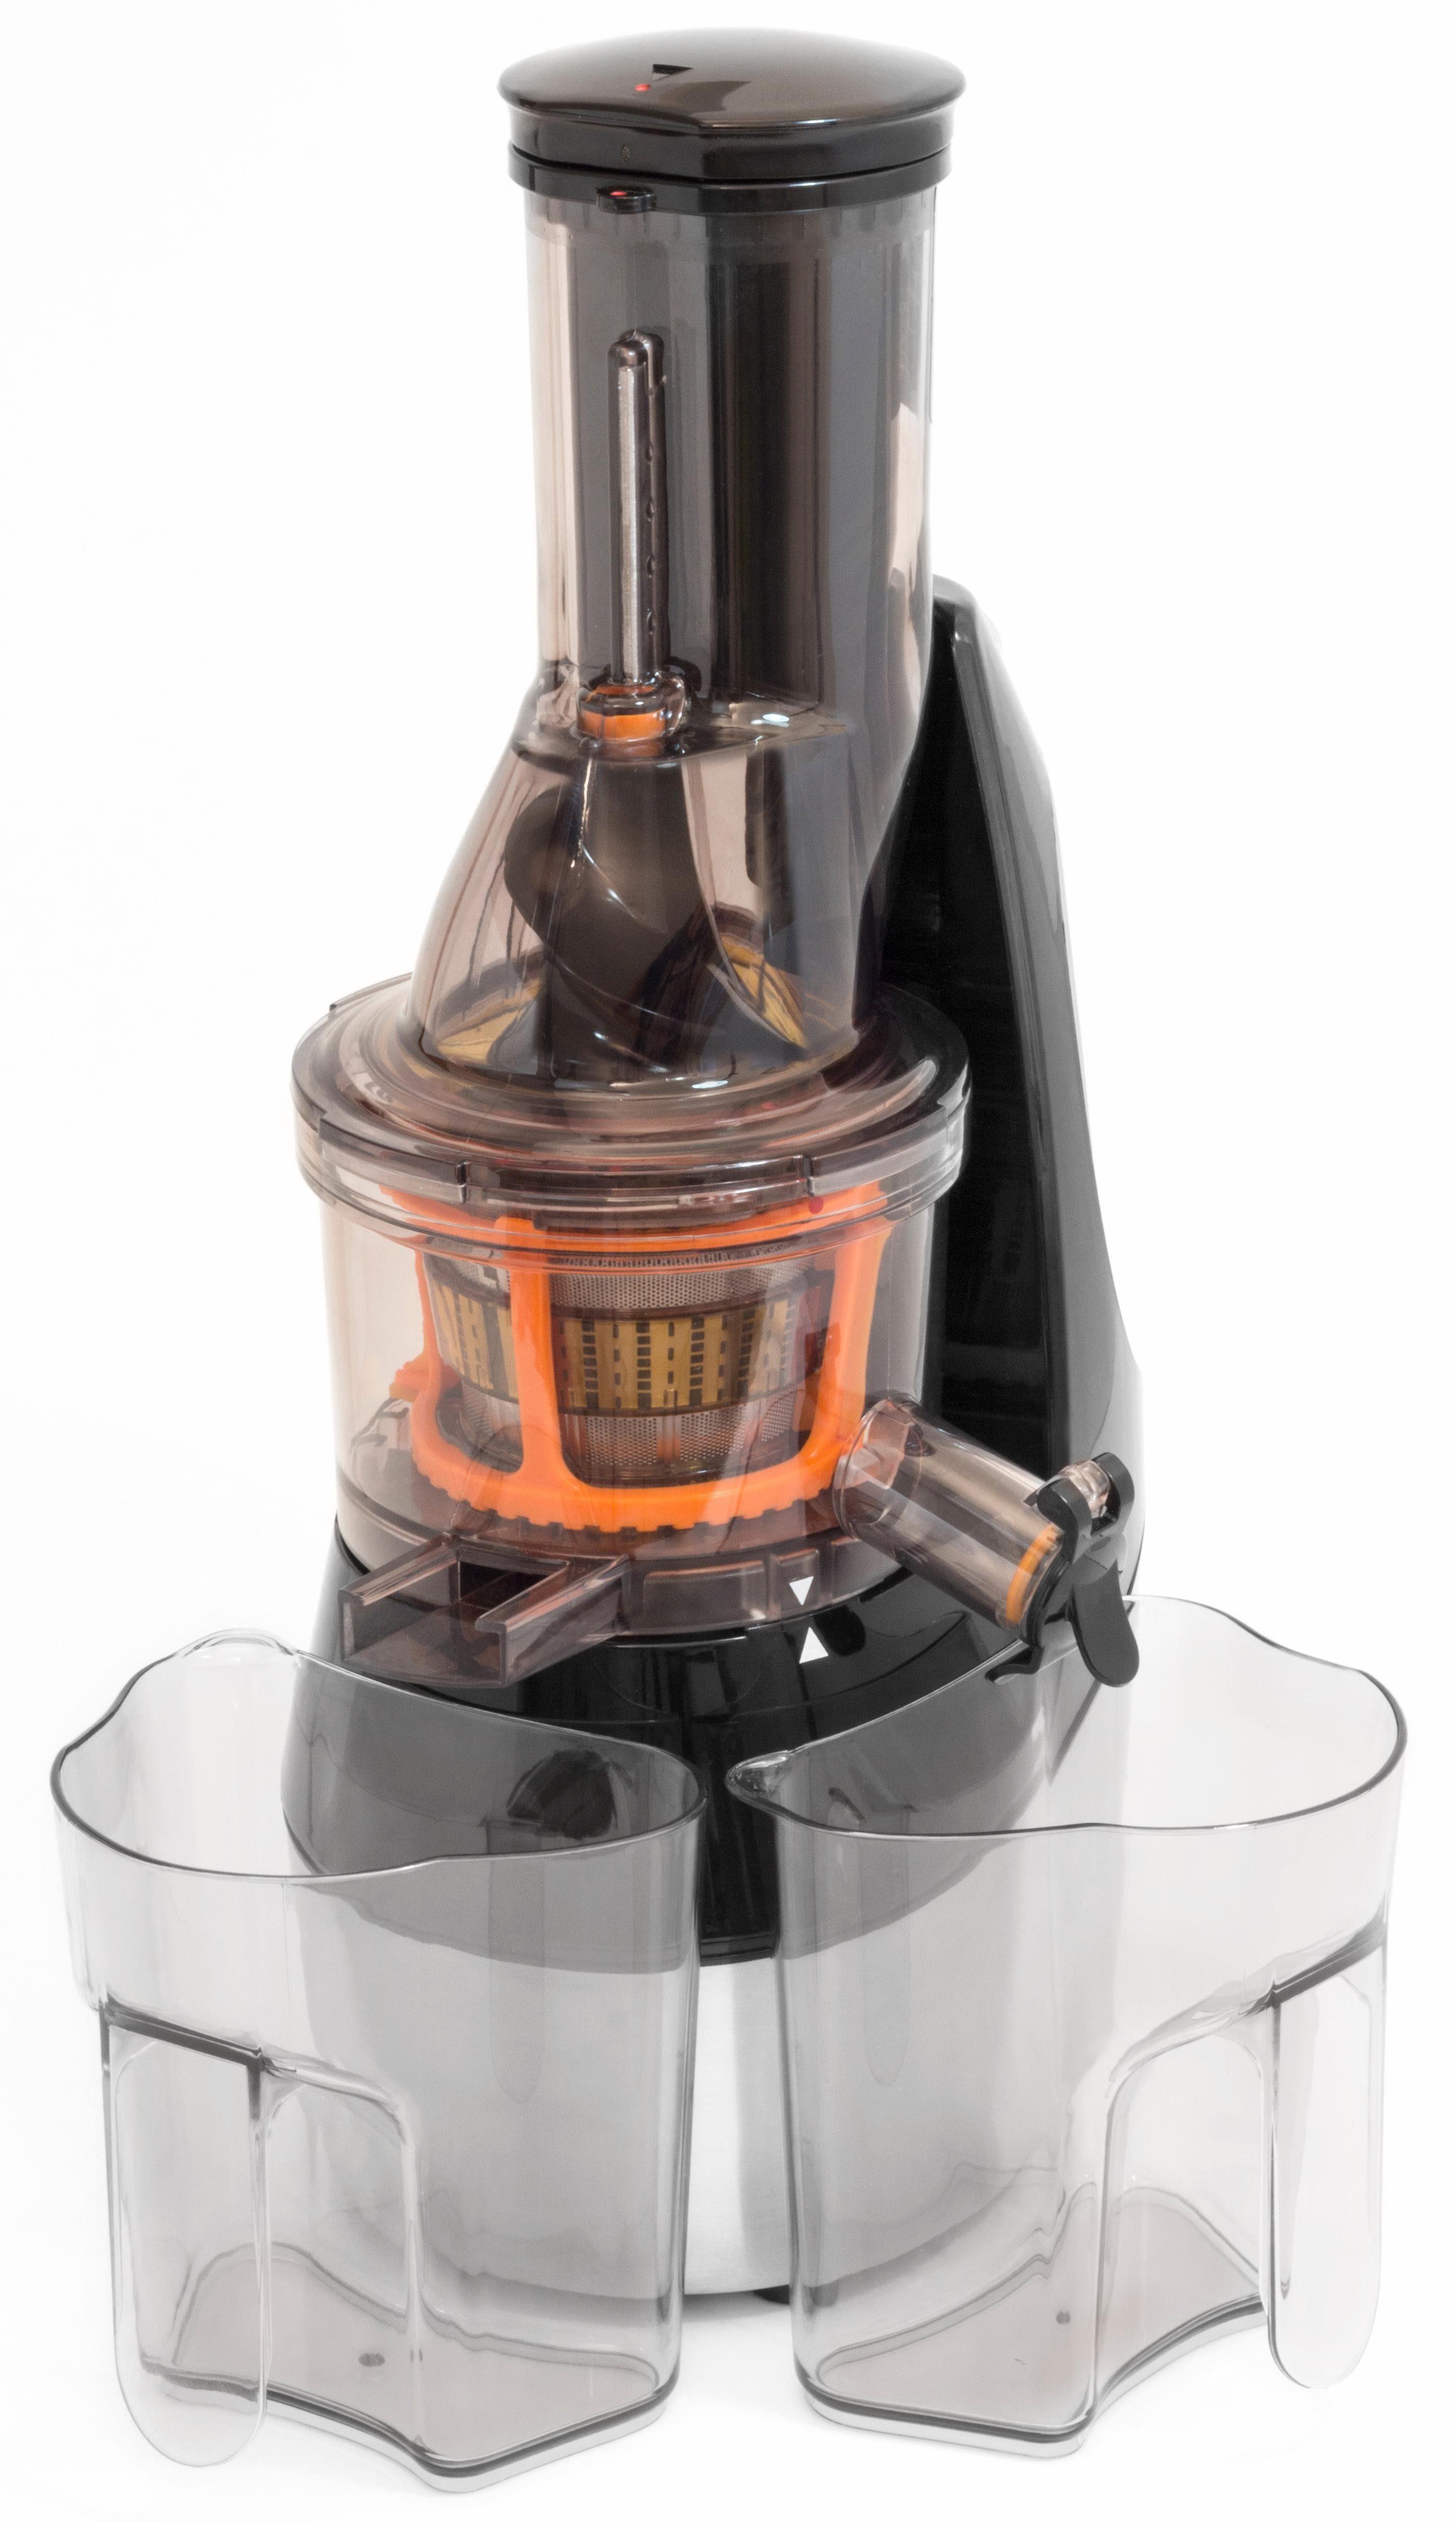 caso Germany Slow Juicer CASO SJW450, 240 Watt